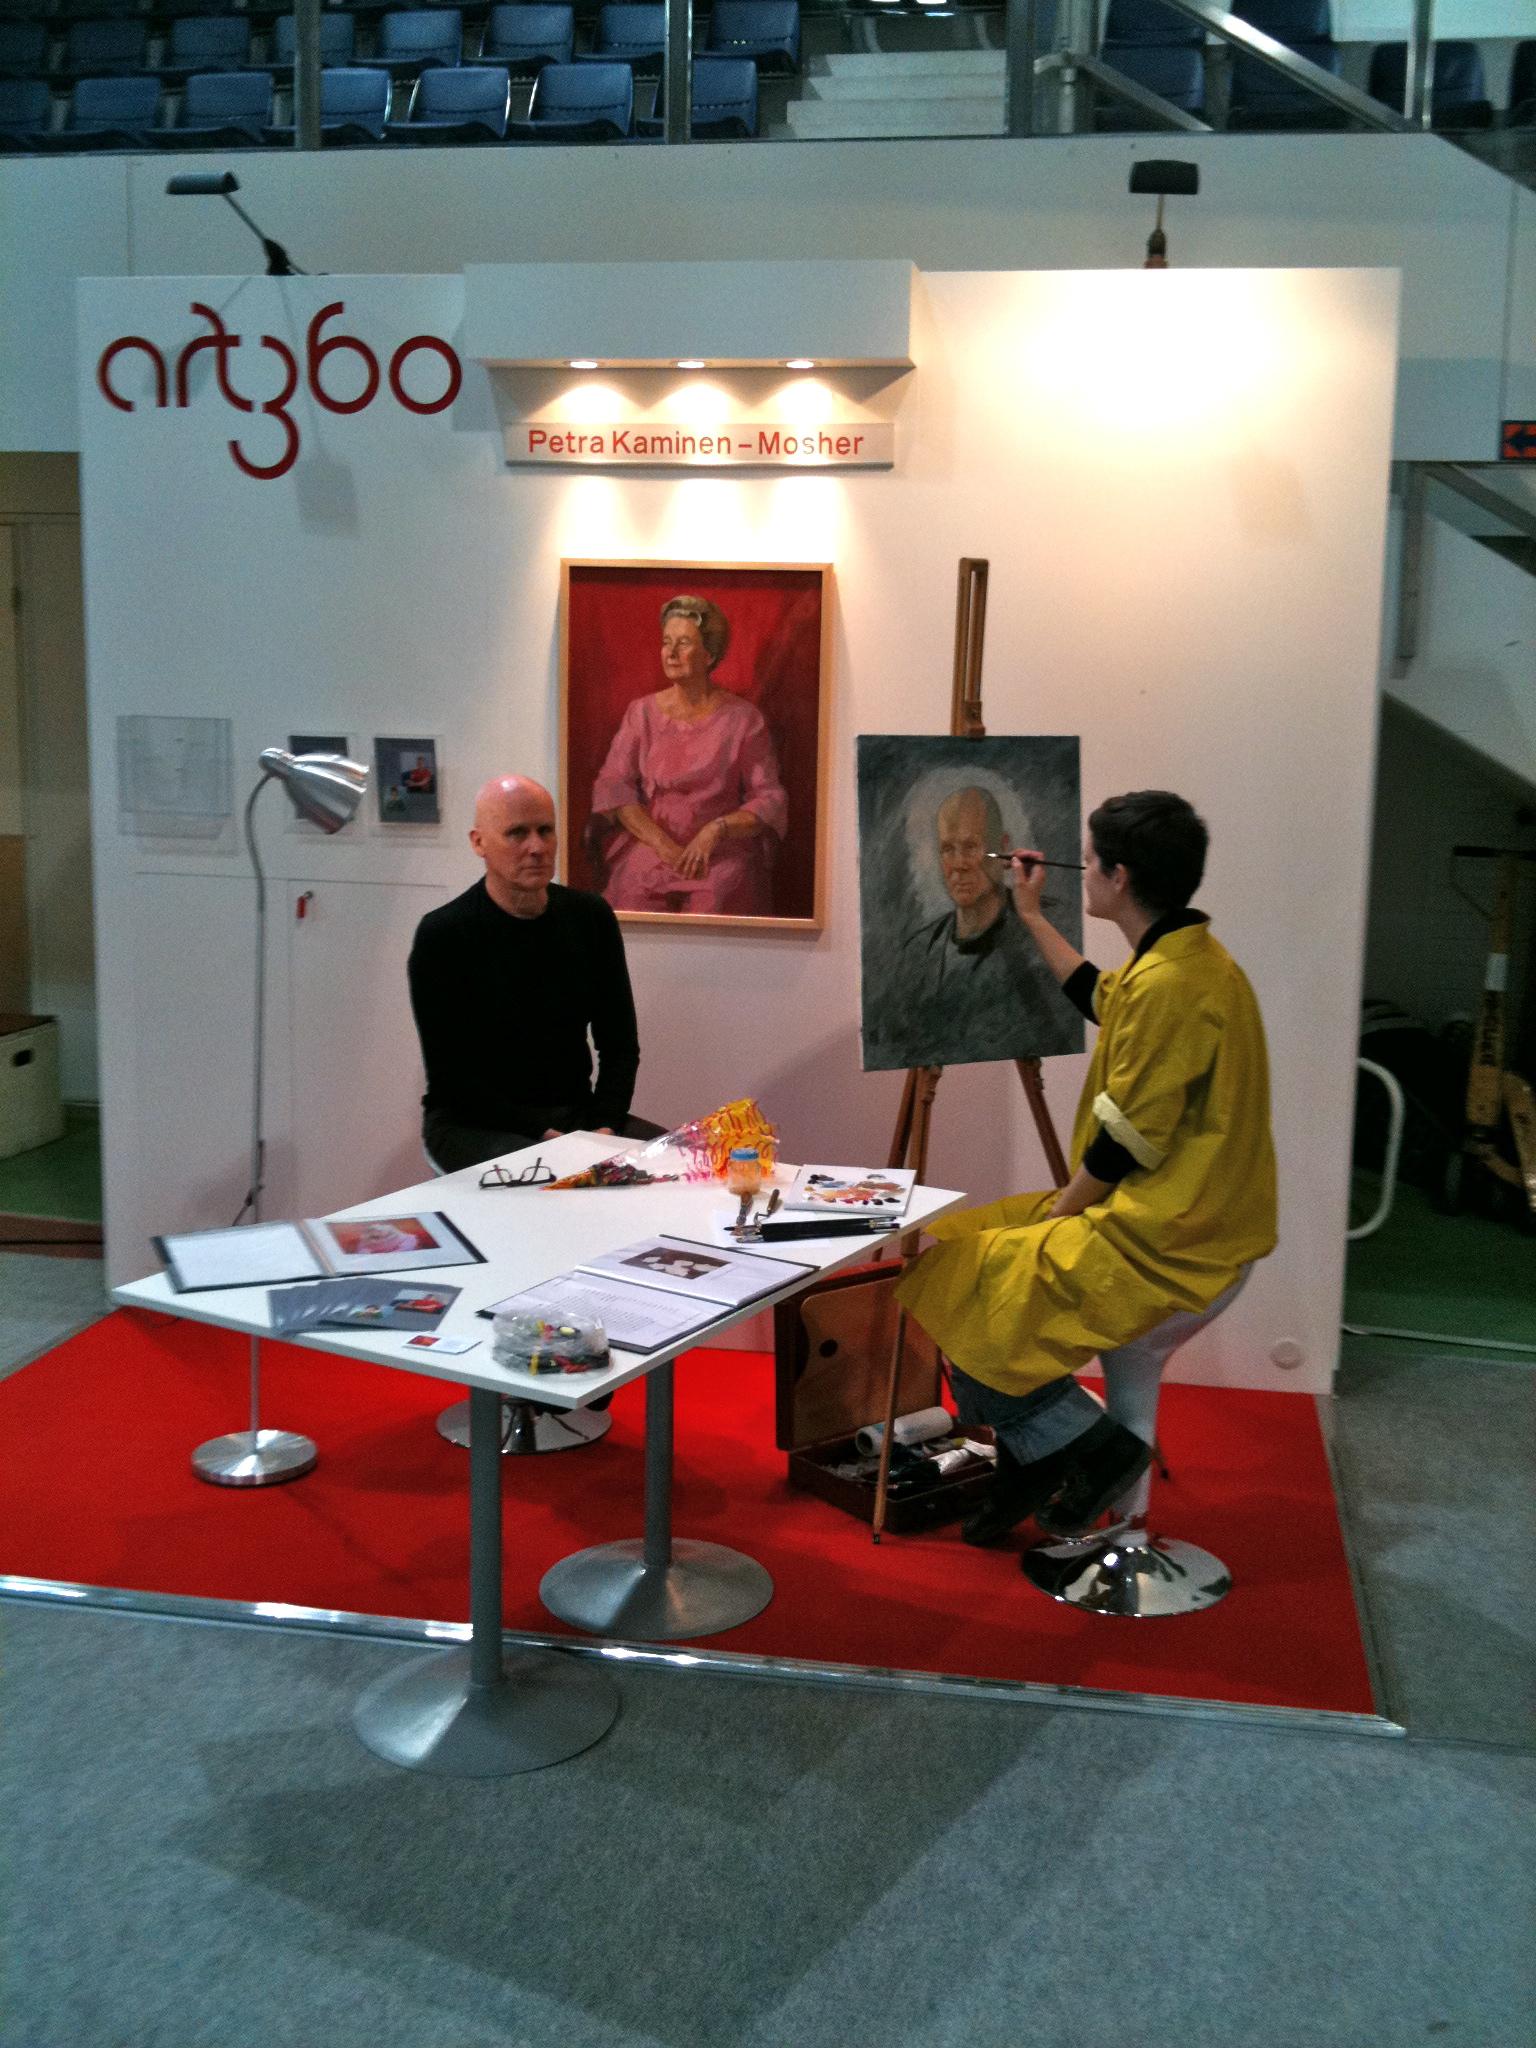 Art360 booth at the Rakentajamessut 2010